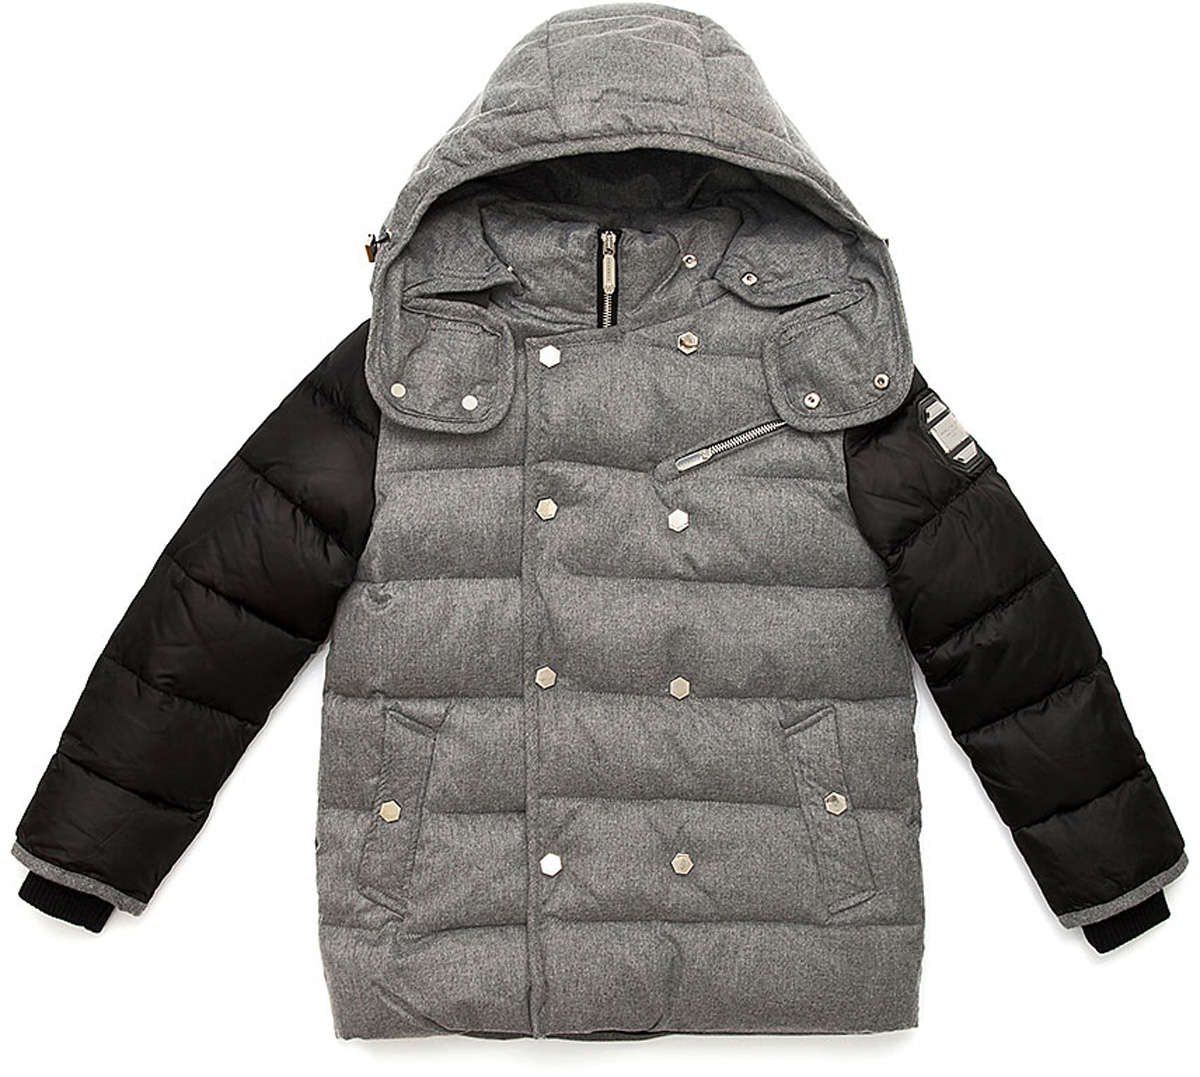 Куртка для мальчика Vitacci, цвет: серый, черный. 1171486-03. Размер 1501171486-03Удлиненная куртка для мальчика Vitacci, изготовленная из полиэстера, станет стильнымдополнением к детскому гардеробу.Подкладка выполнена из полиэстера и дополнительно утеплена флисом по спинке. В качестве наполнителя используется биопух.Температурный режим от -5°С до -20°С.Теплая, удобная и практичная куртка идеально подойдет юному моднику для прогулок!